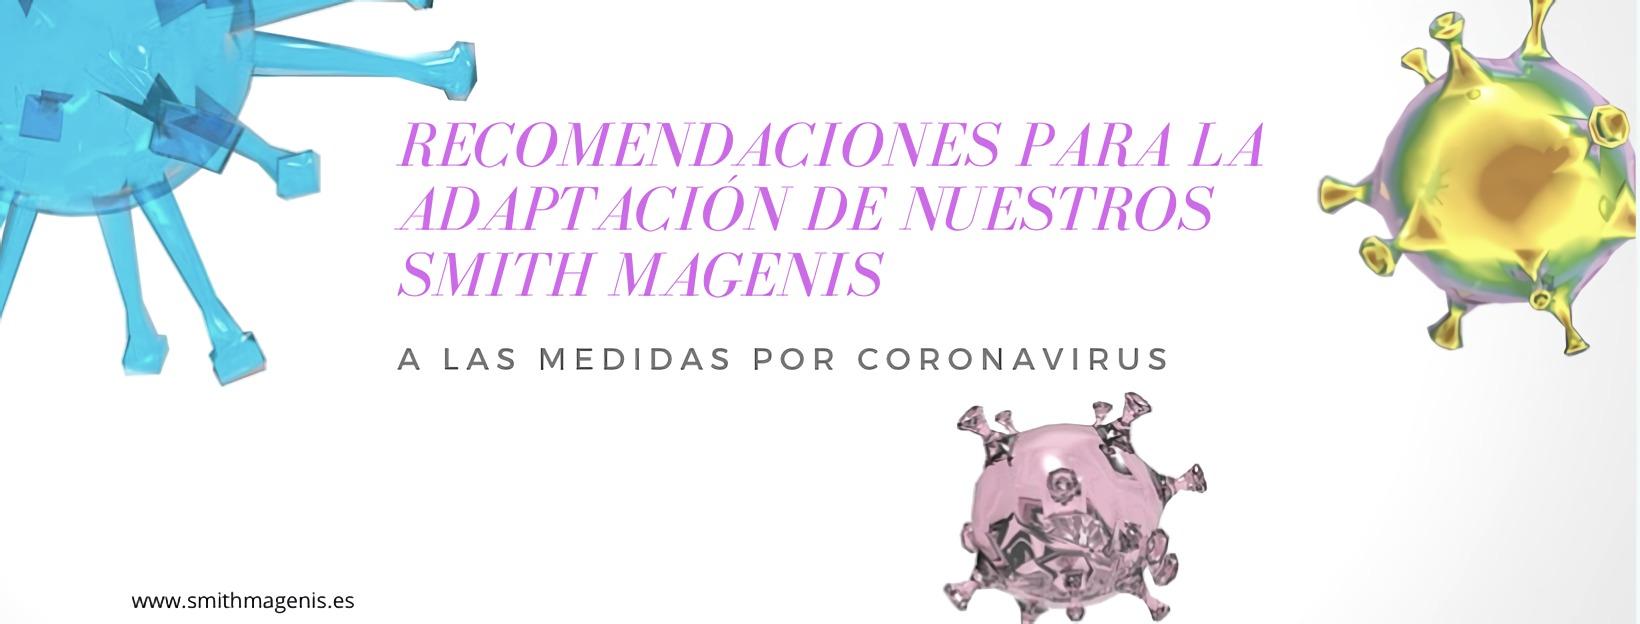 recomendaciones para la adaptación de nuestros Smith Magenis a las medidas por coronavirus